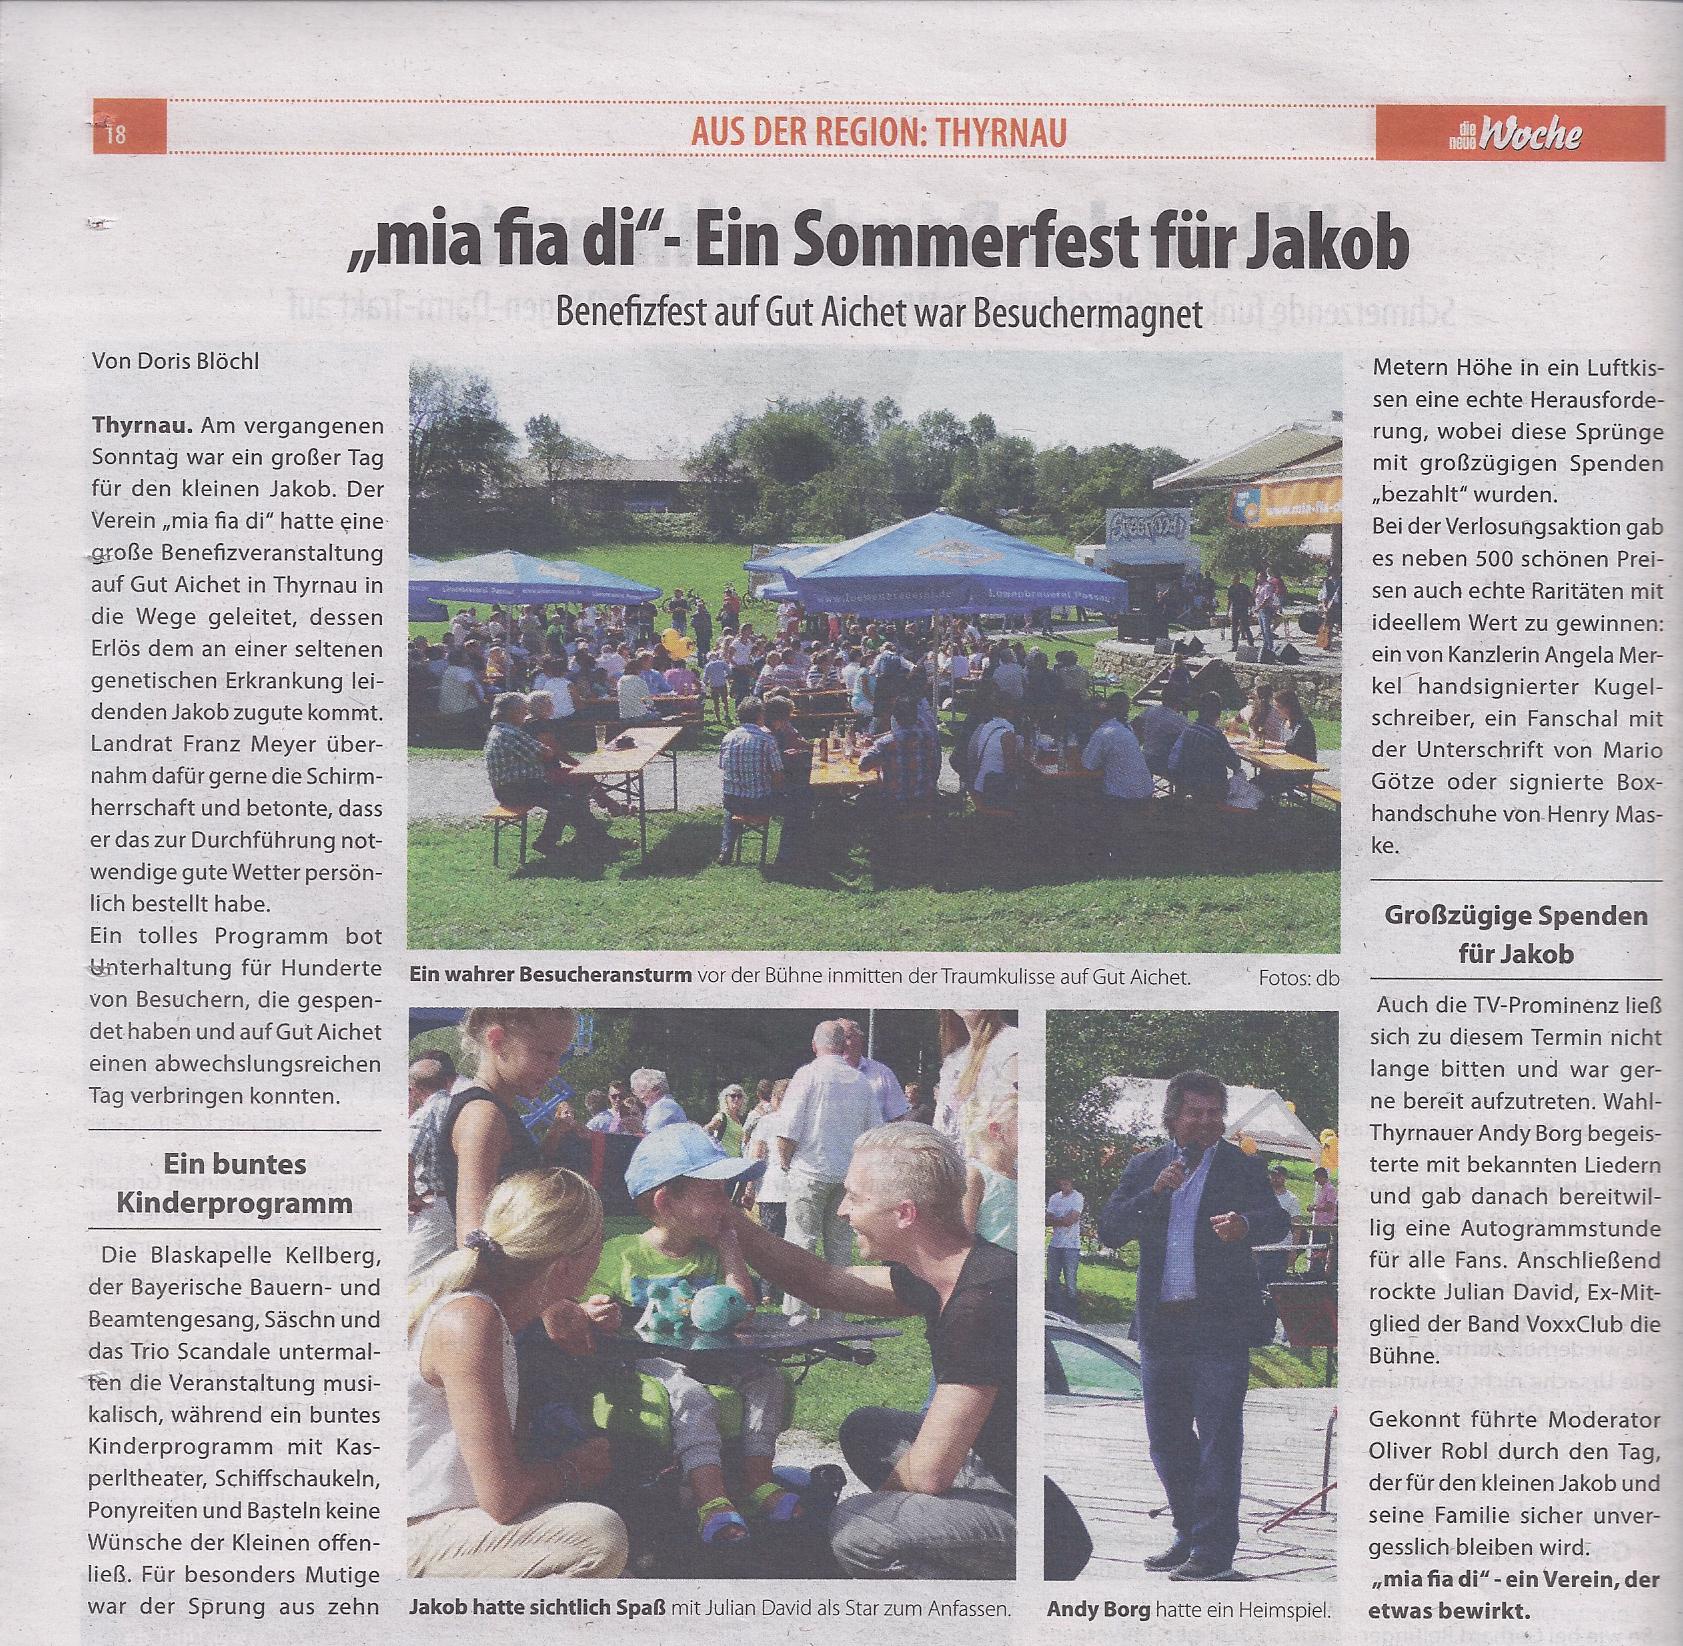 Die neue Woche - mia fia di - Ein Sommerfest fuer Jakob